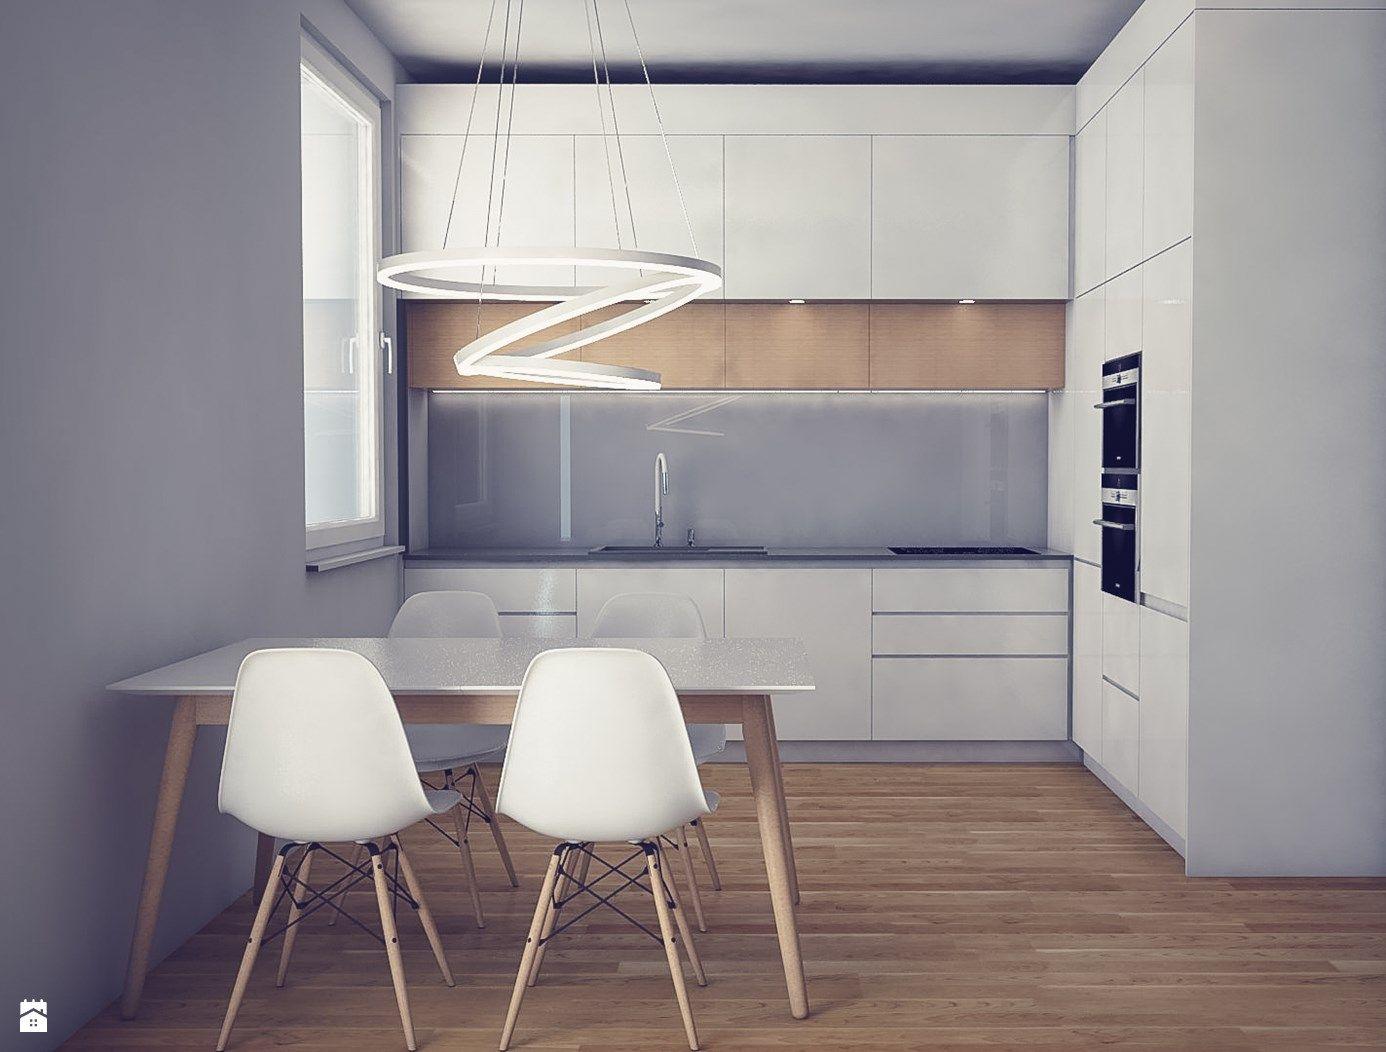 U-förmige küchendesigns kuchnia styl skandynawski  zdjęcie od manufaktura  kuchnia  styl